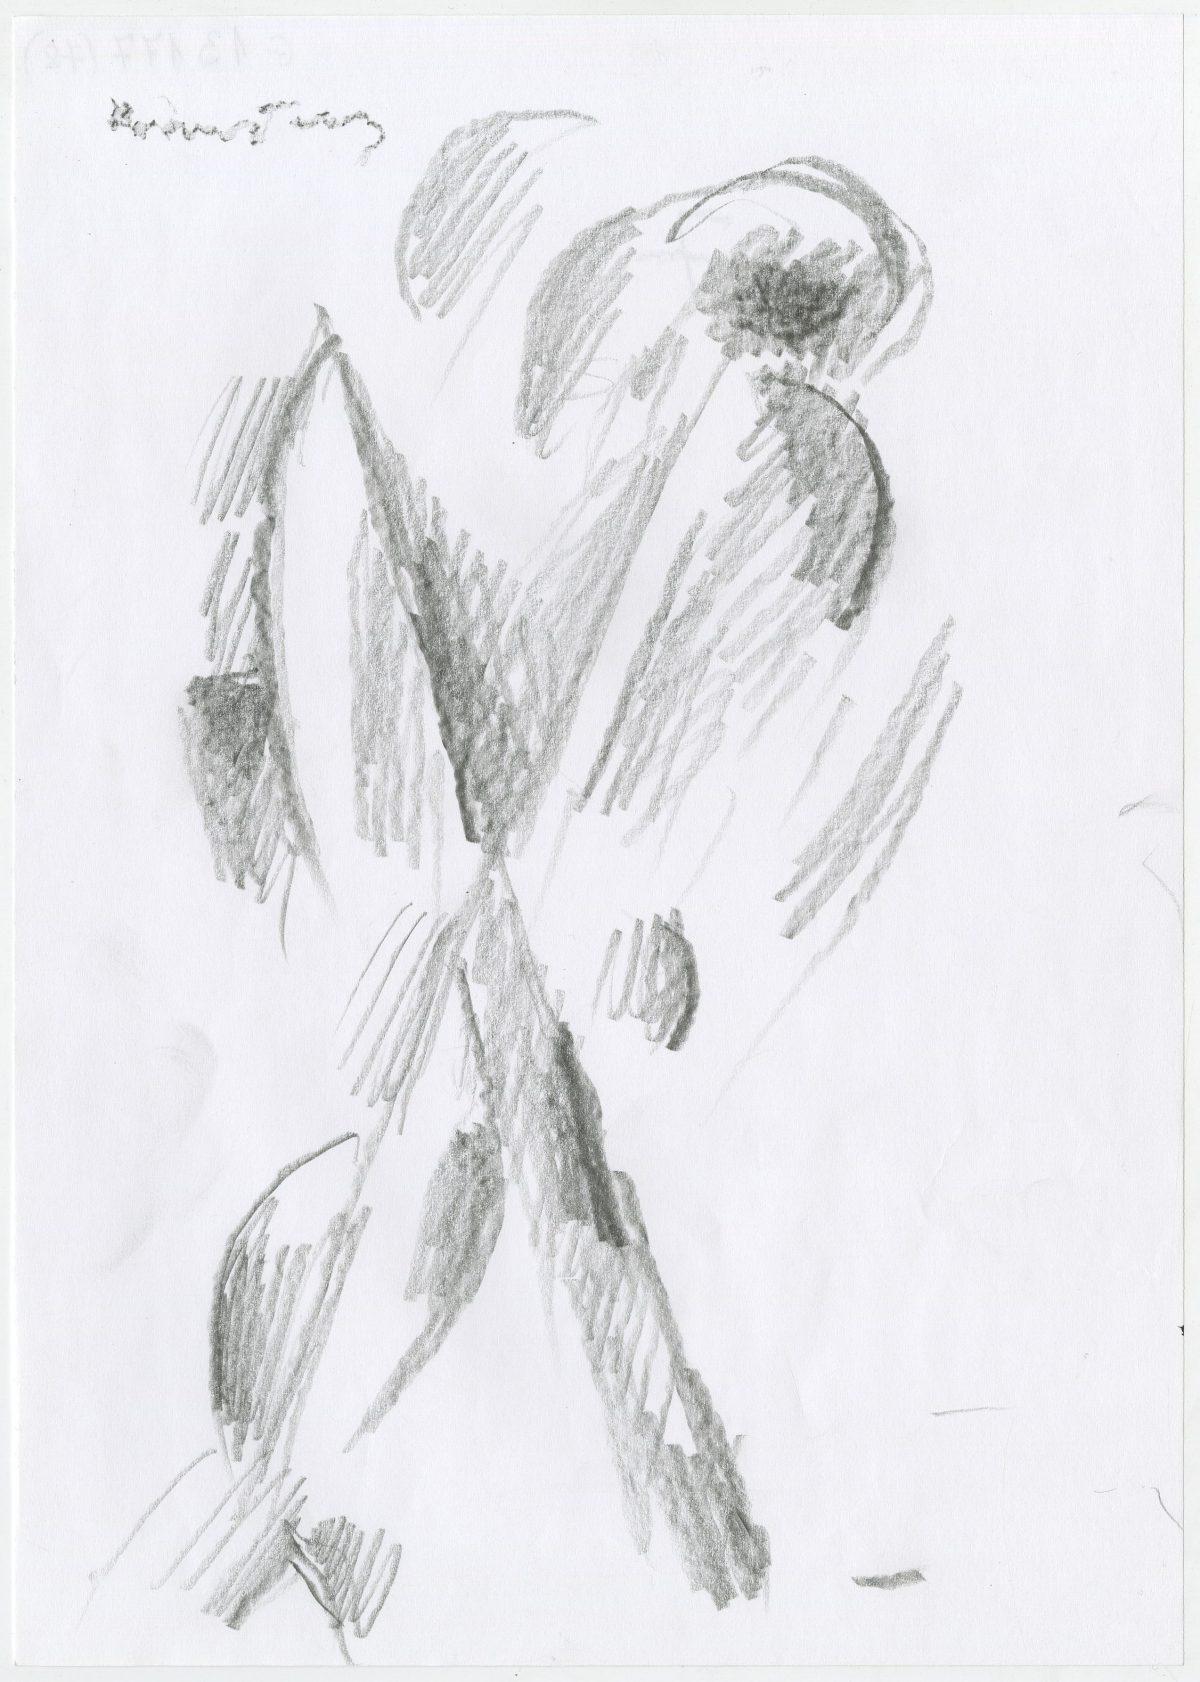 G13177(78)<br/> <b>Cím:</b> Egy formaálom megfoghatatlan csodája <br/> <b>Méret cm:</b> 29,6X21 <br/> <b>Készült:</b> 2005. <br/> <b>Technika:</b> ceruza<br/>